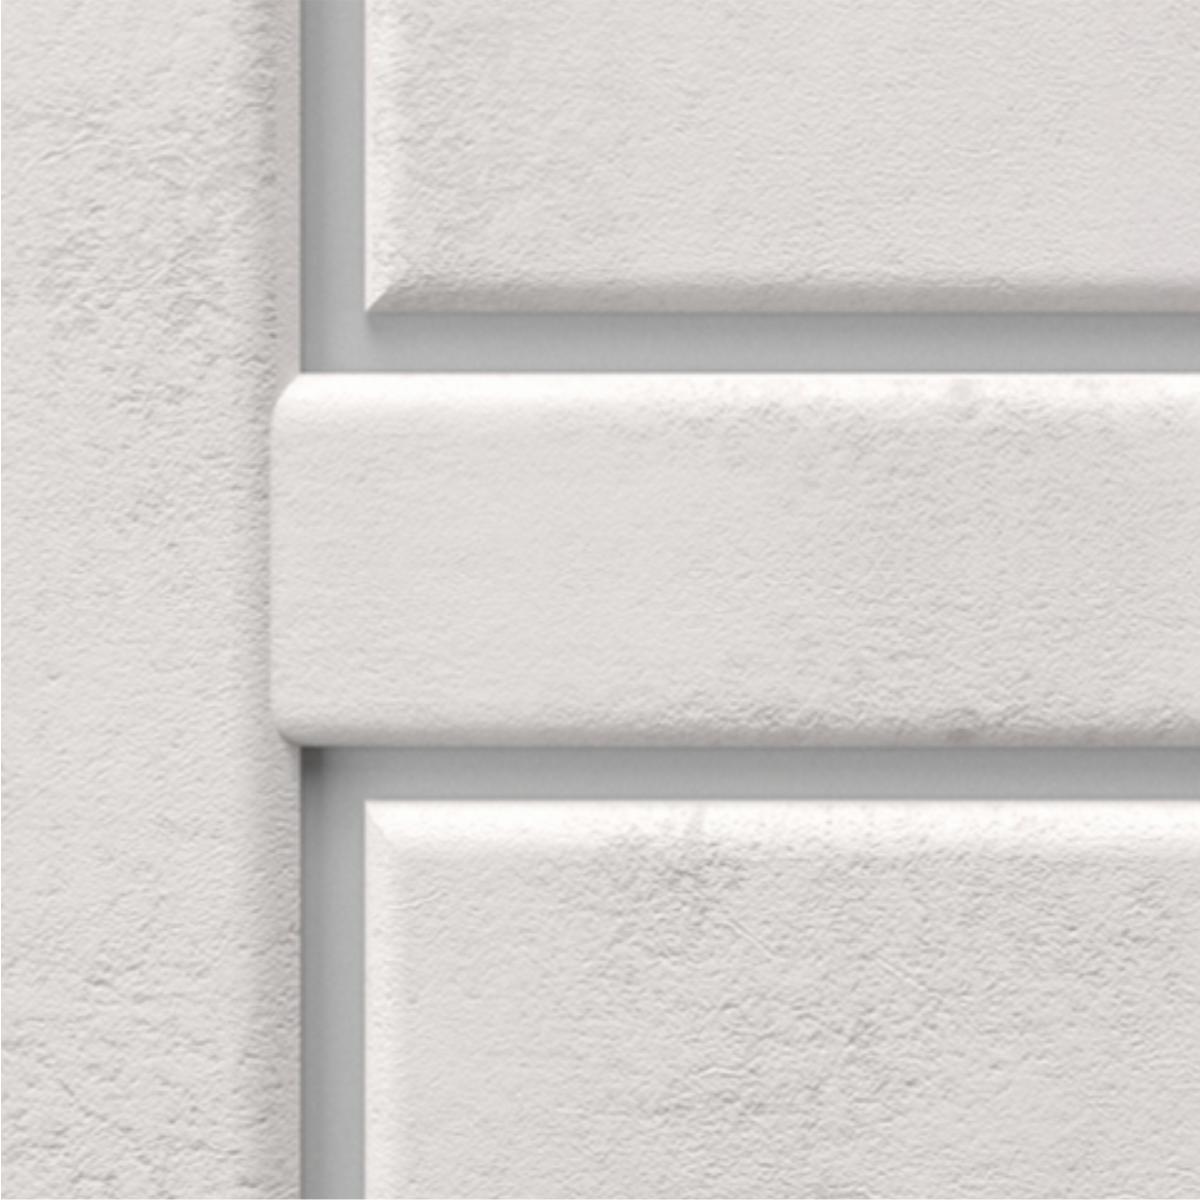 Дверь Межкомнатная Остеклённая Манхэттен 2 С Фурнитурой 60Х200 Пвх Цвет Лофт Крем